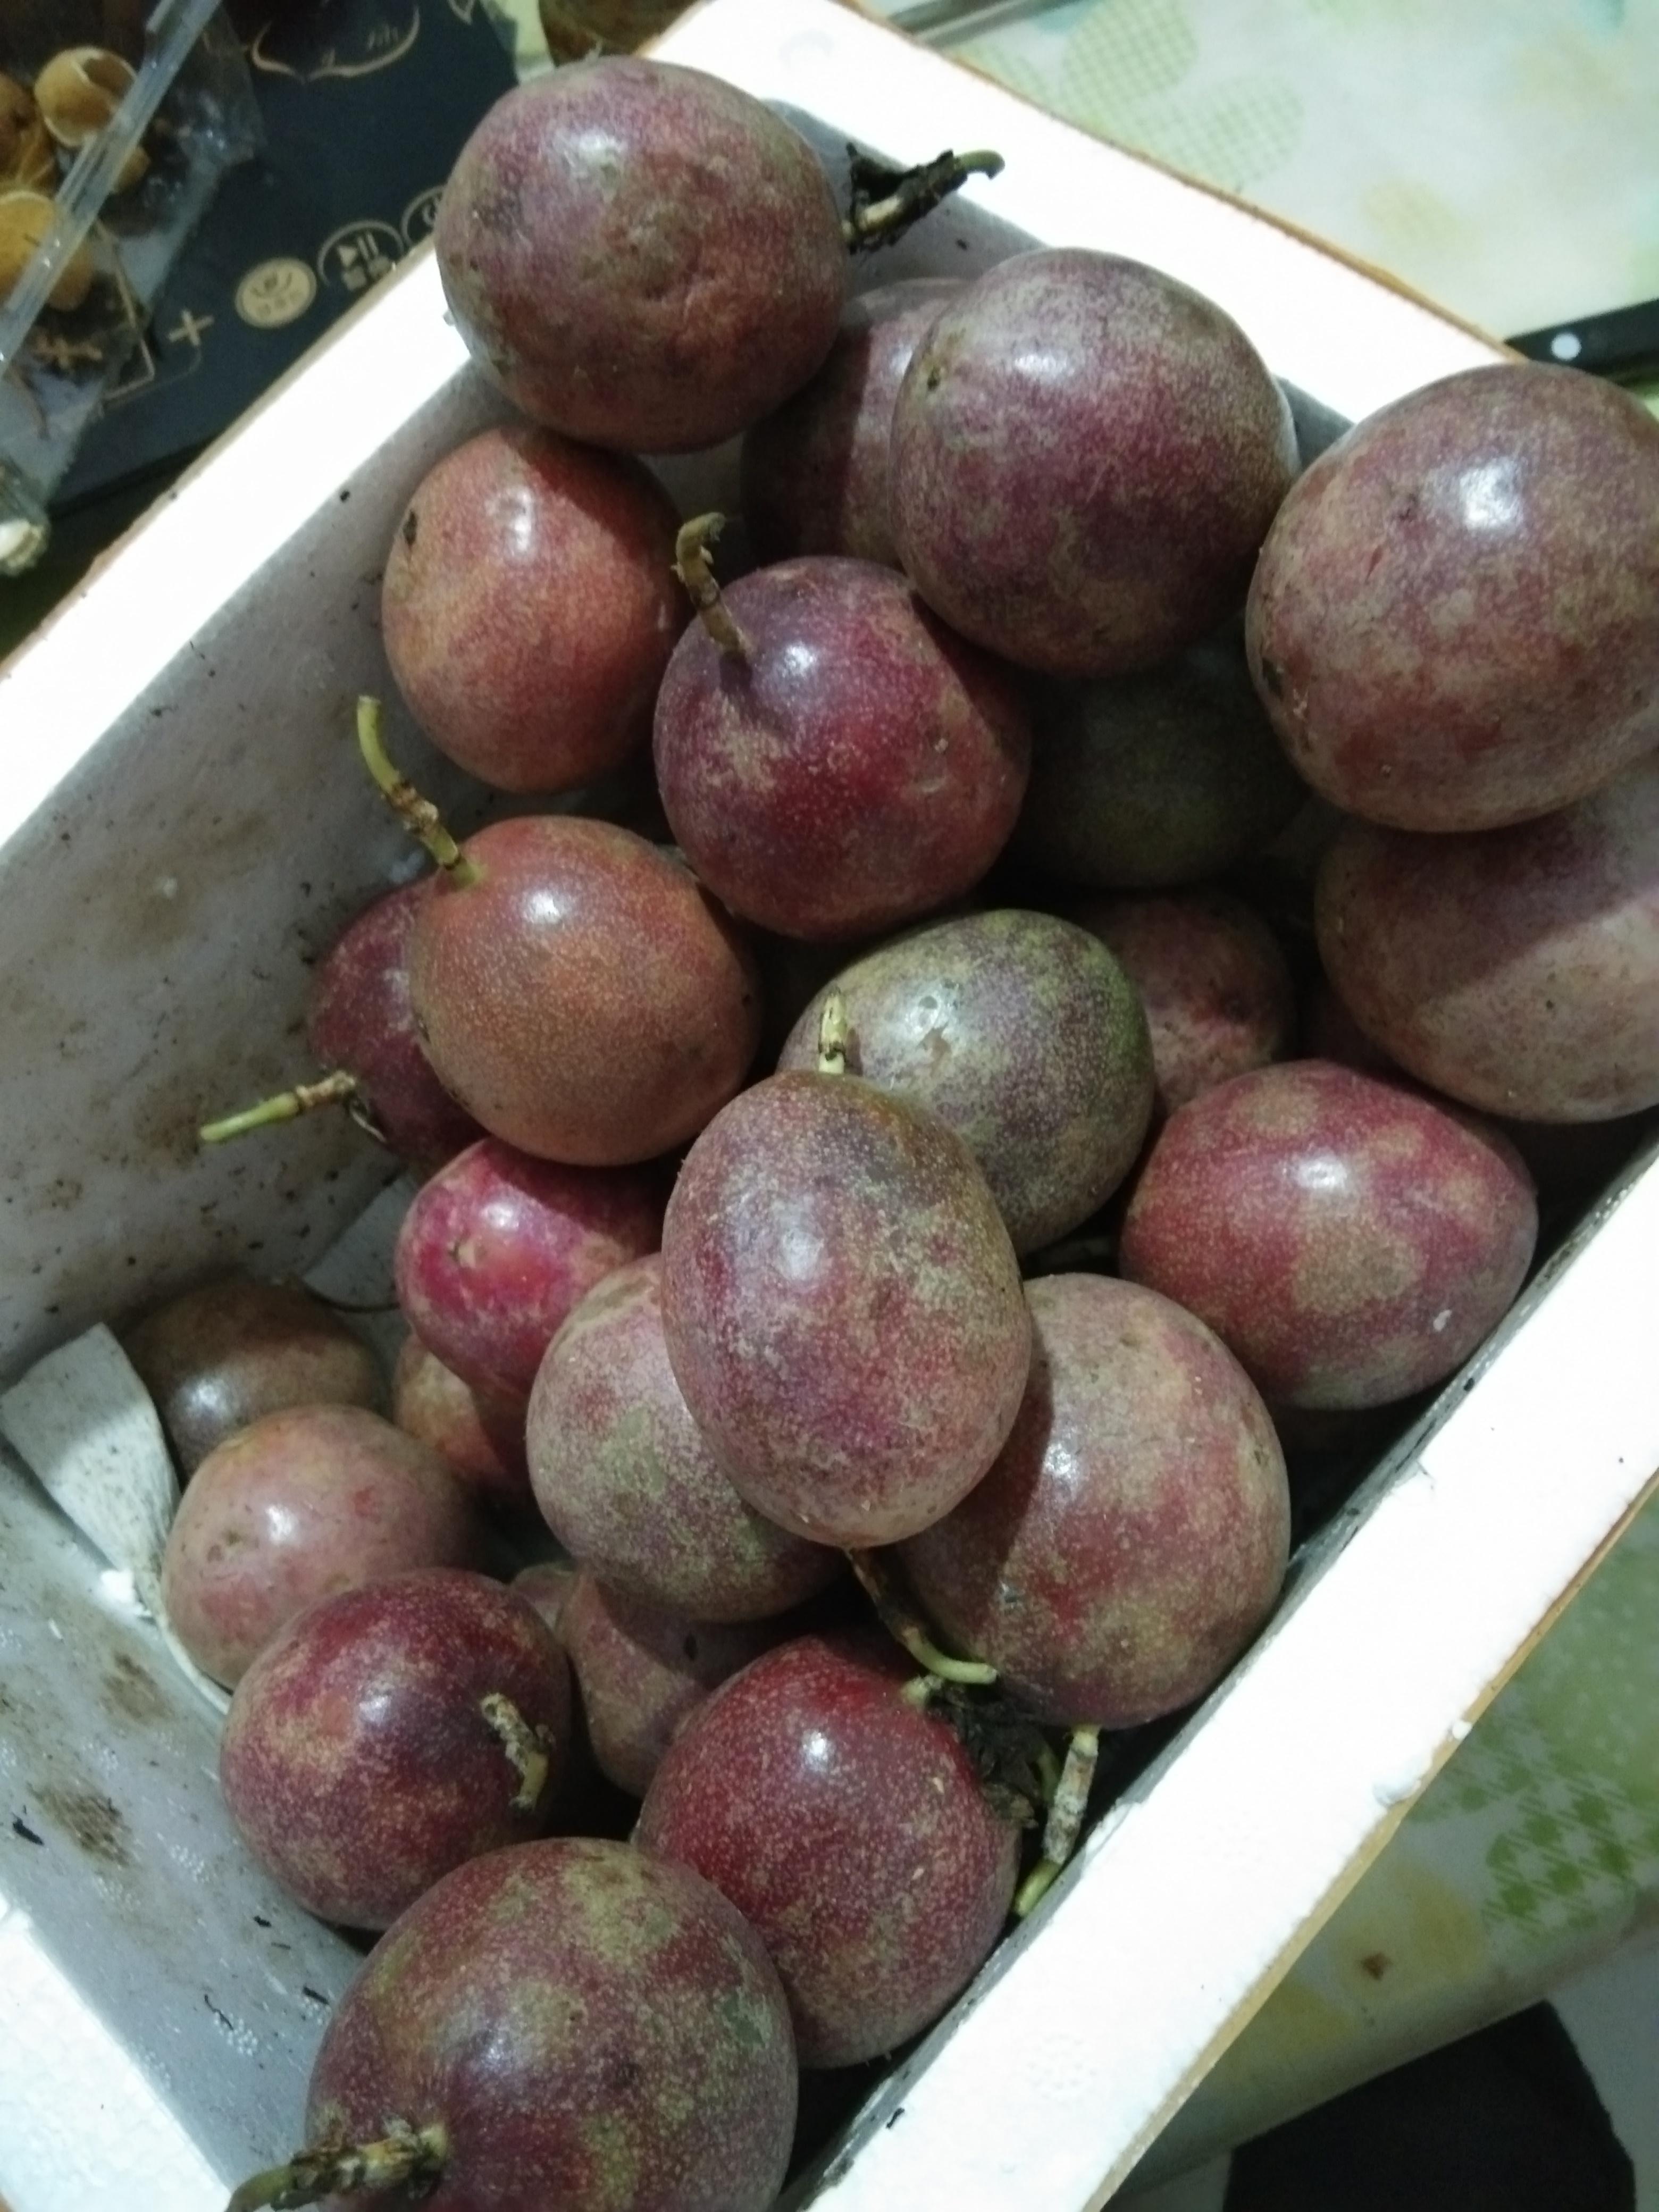 买家韦荣书对紫色百香果批发的评价晒图